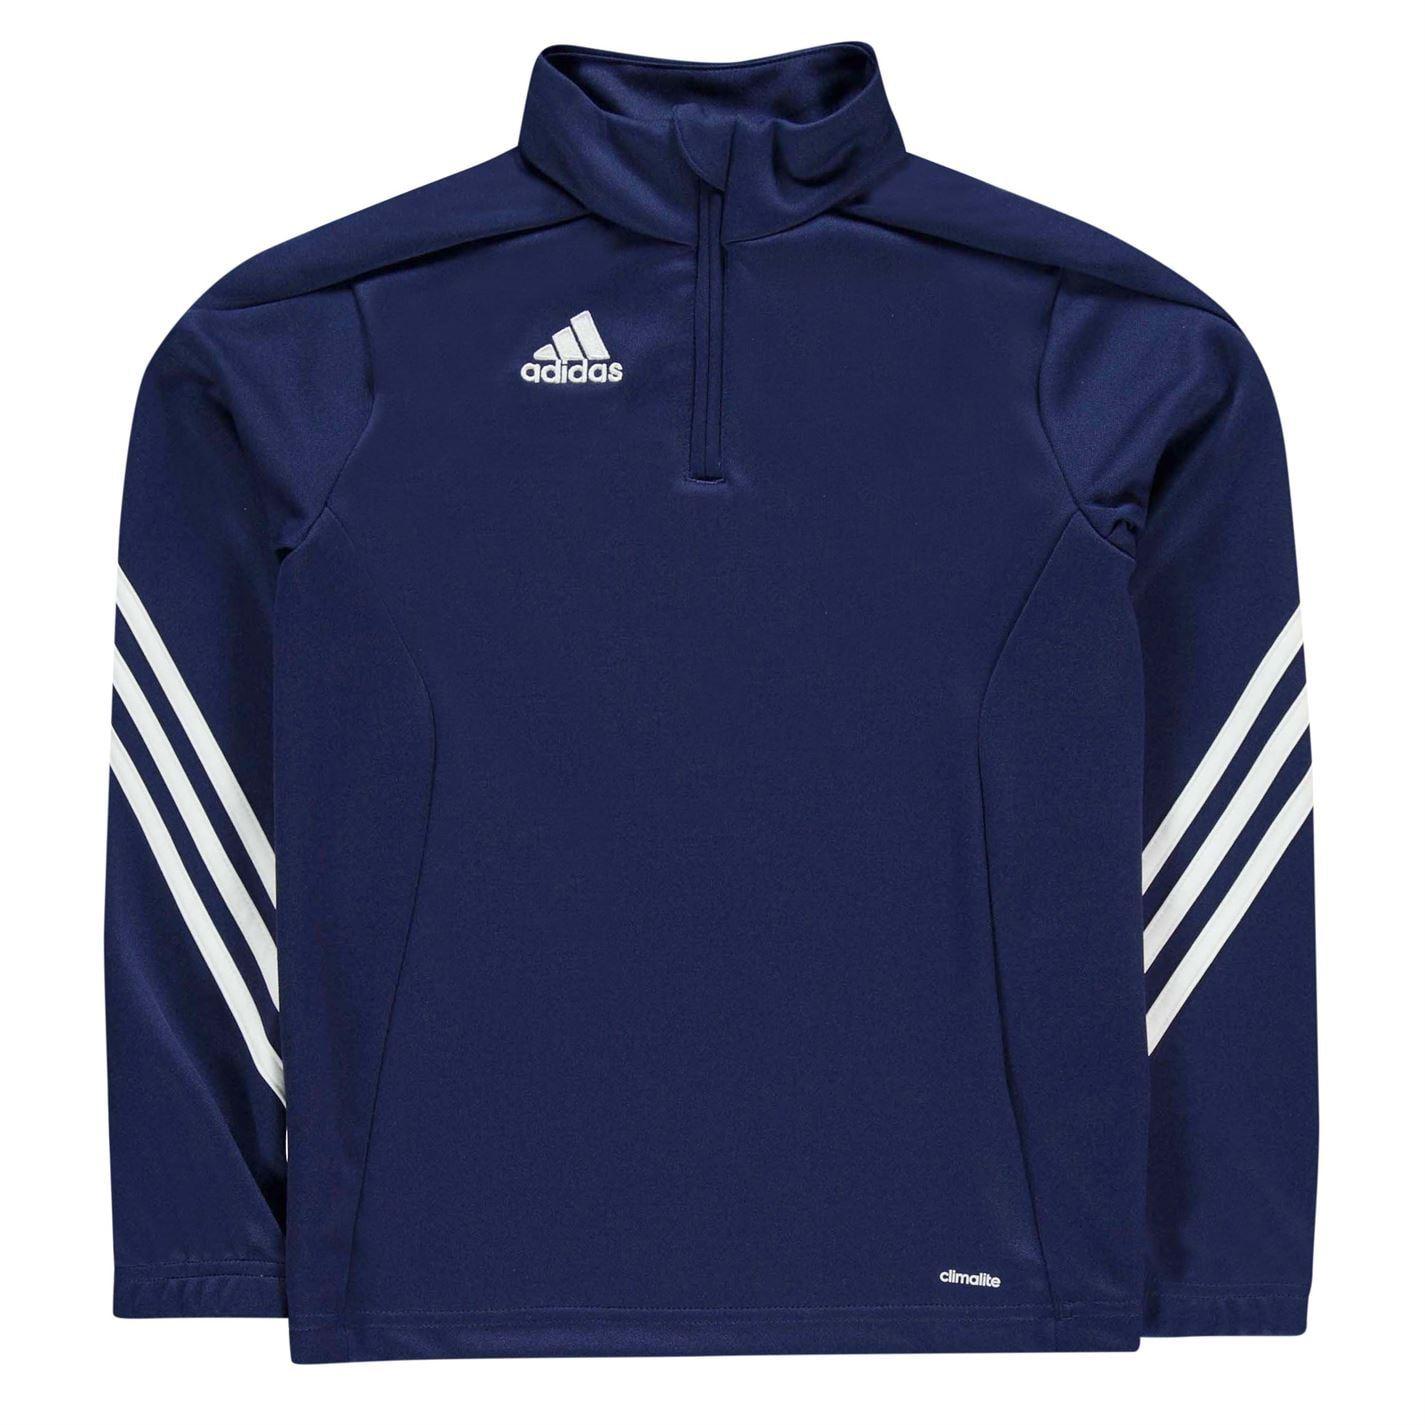 Détails sur Adidas Sereno 14 Fermeture Survêtement Haut Juniors MarineBlanc Football de